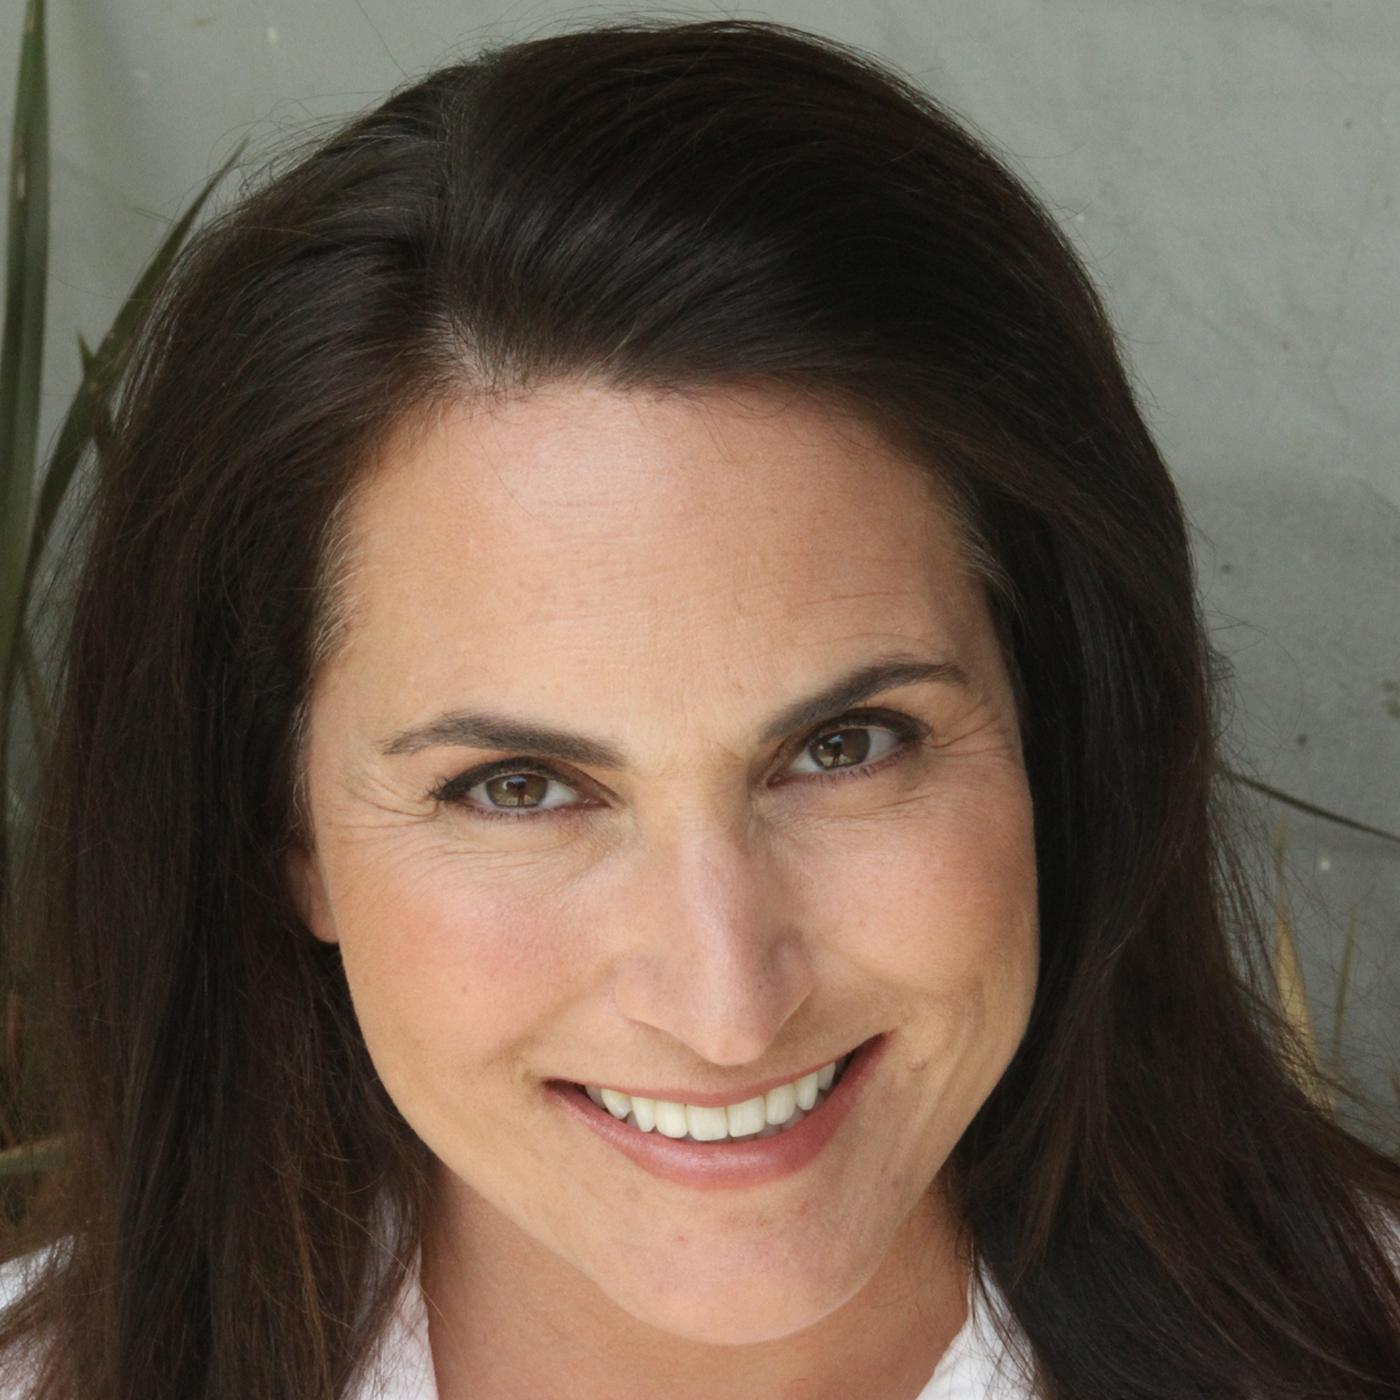 Seeds of Wisdom with Kimberly Klein